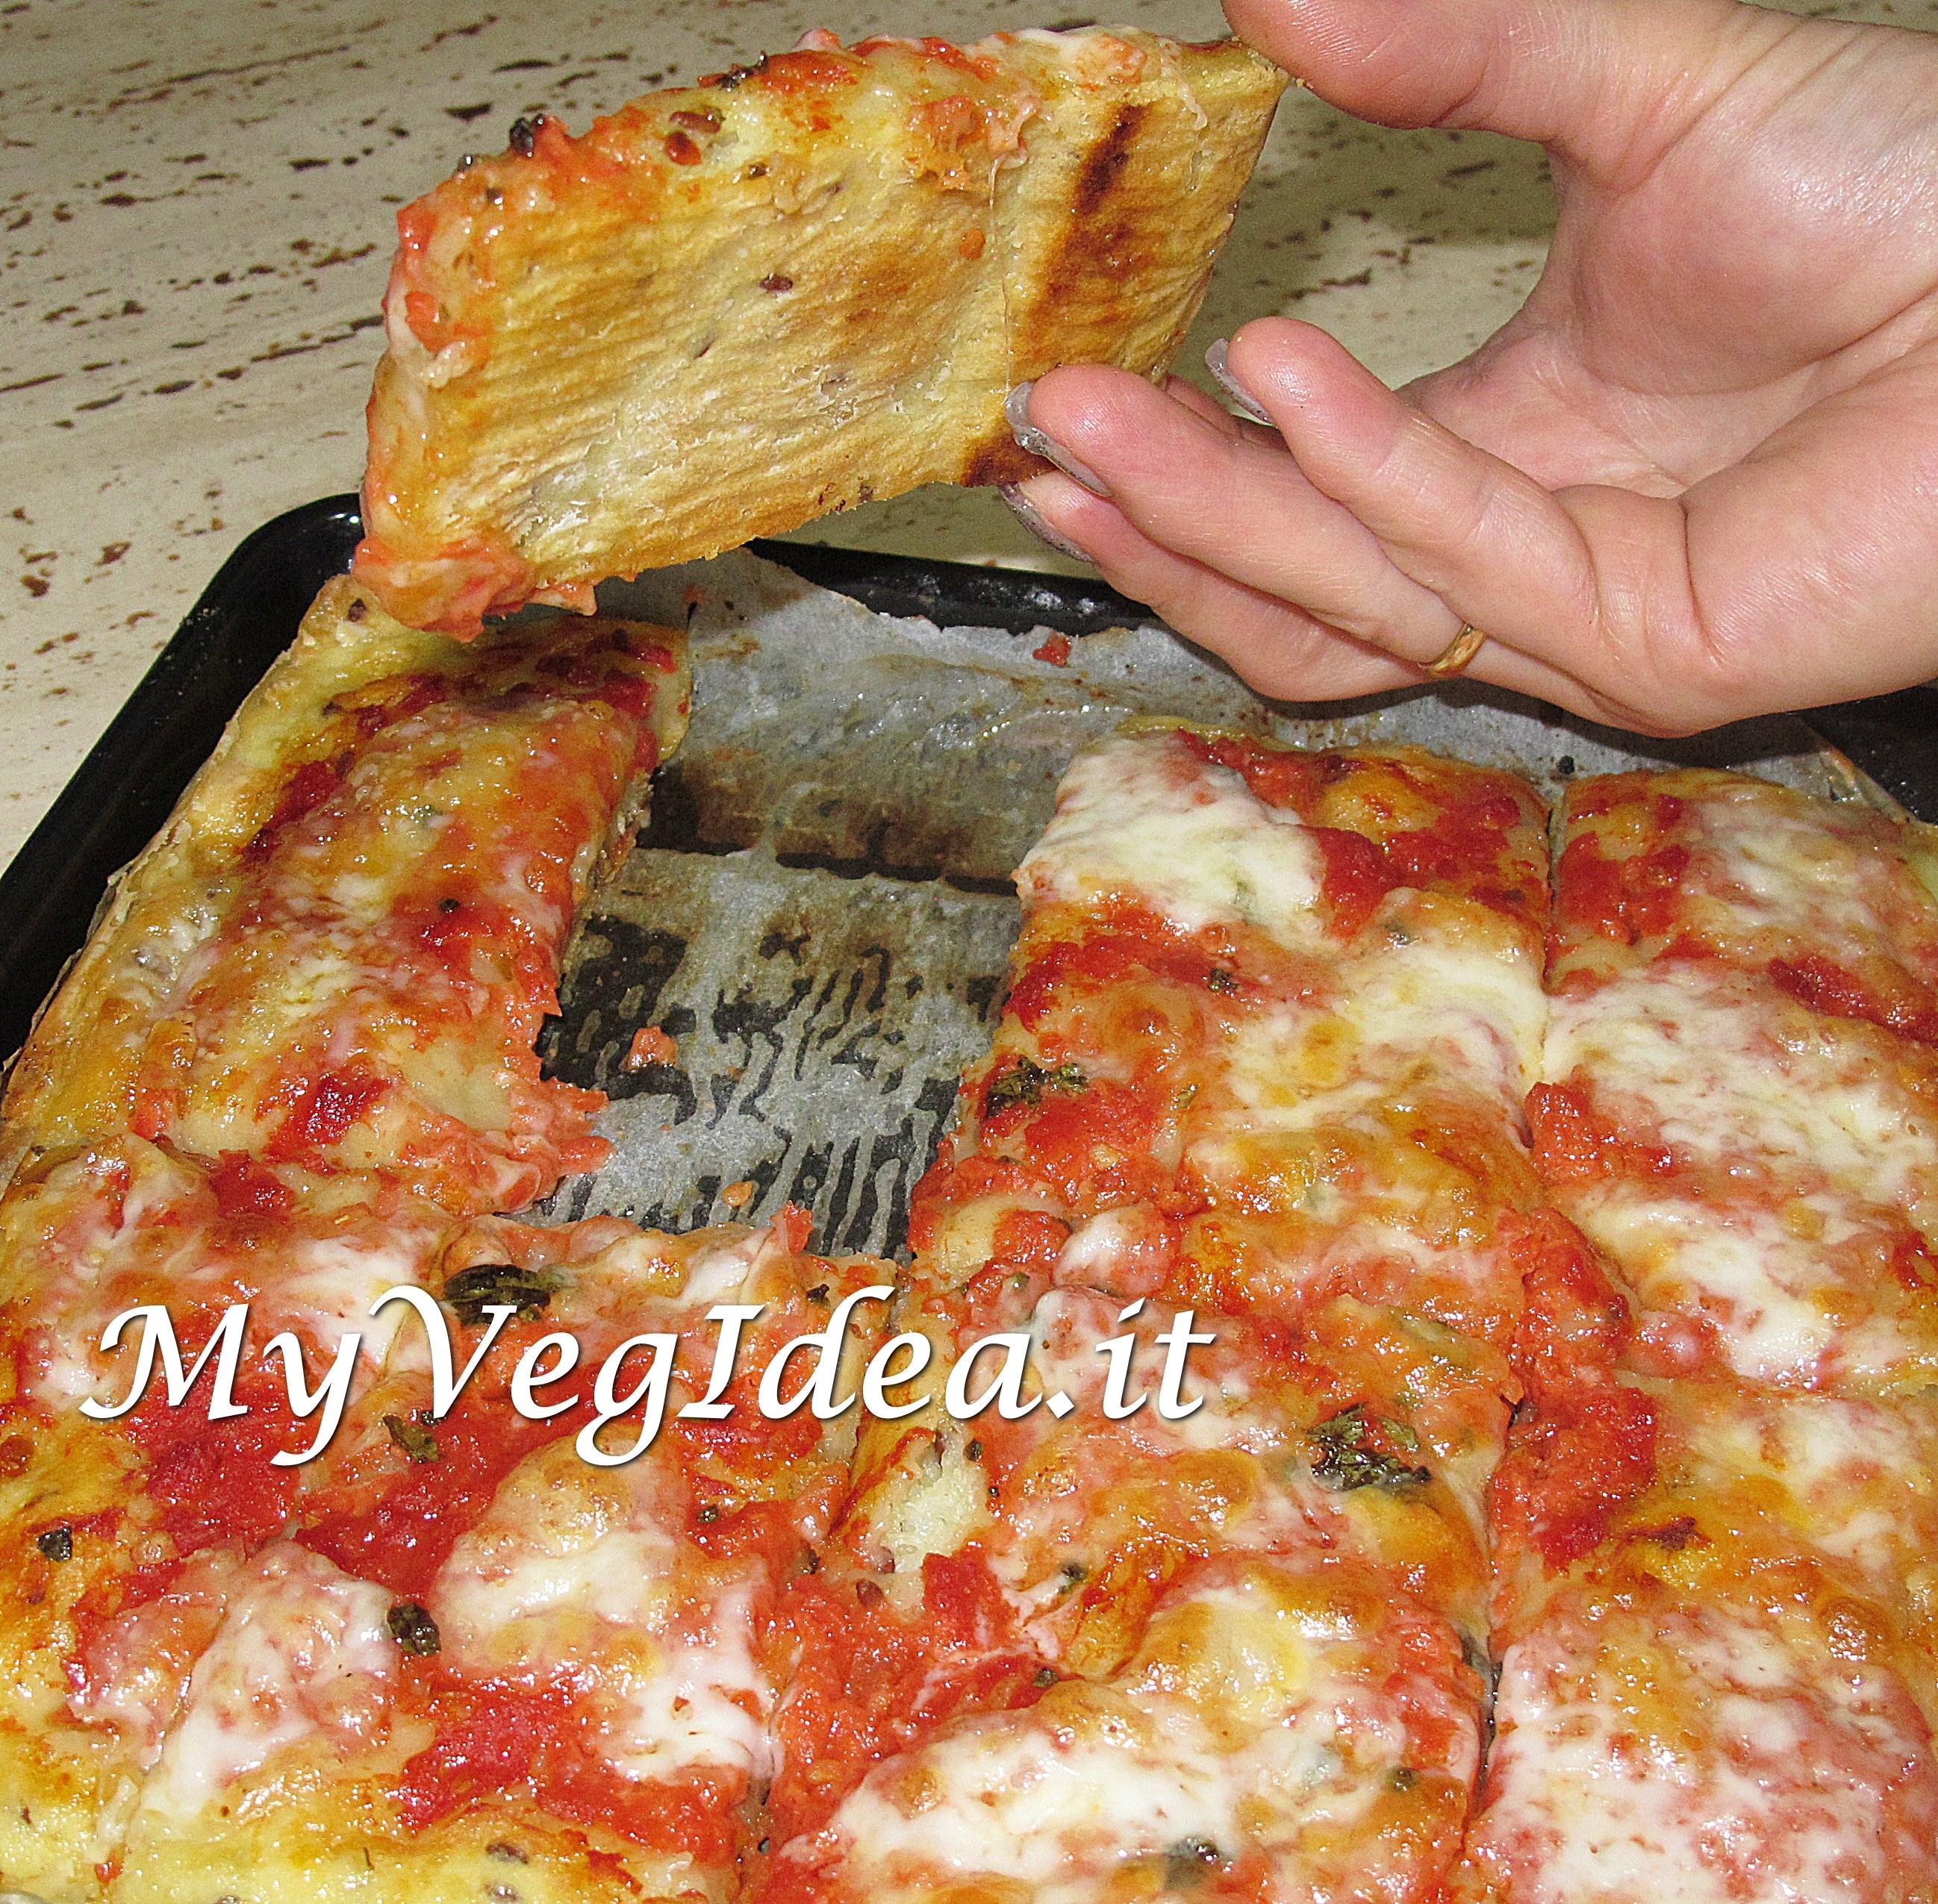 prima pizza gf 2